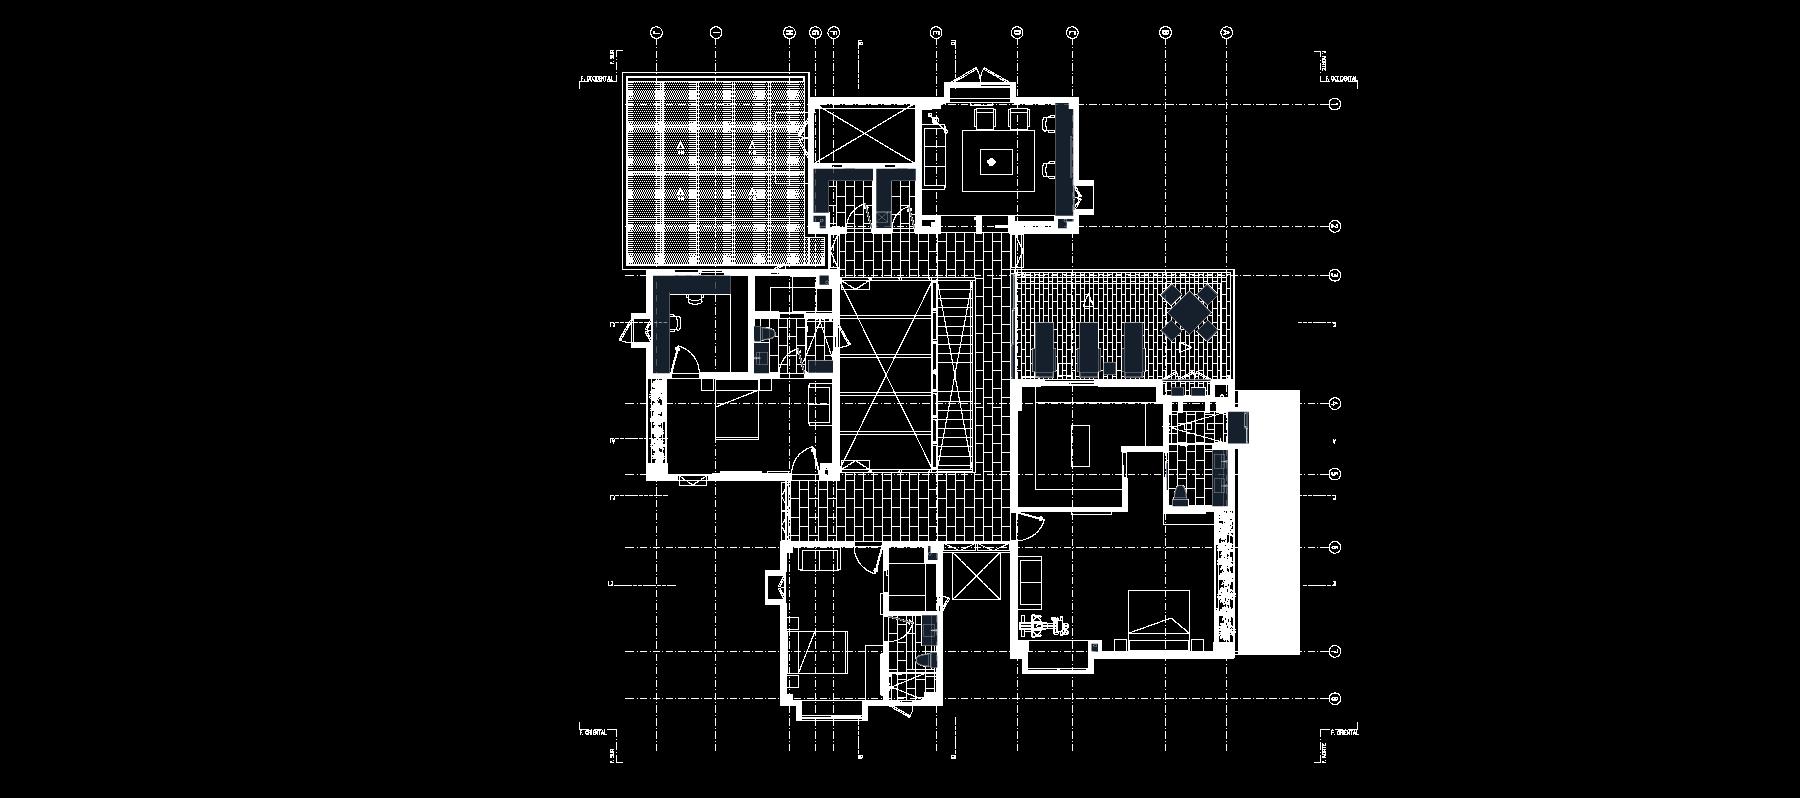 Planta02.png